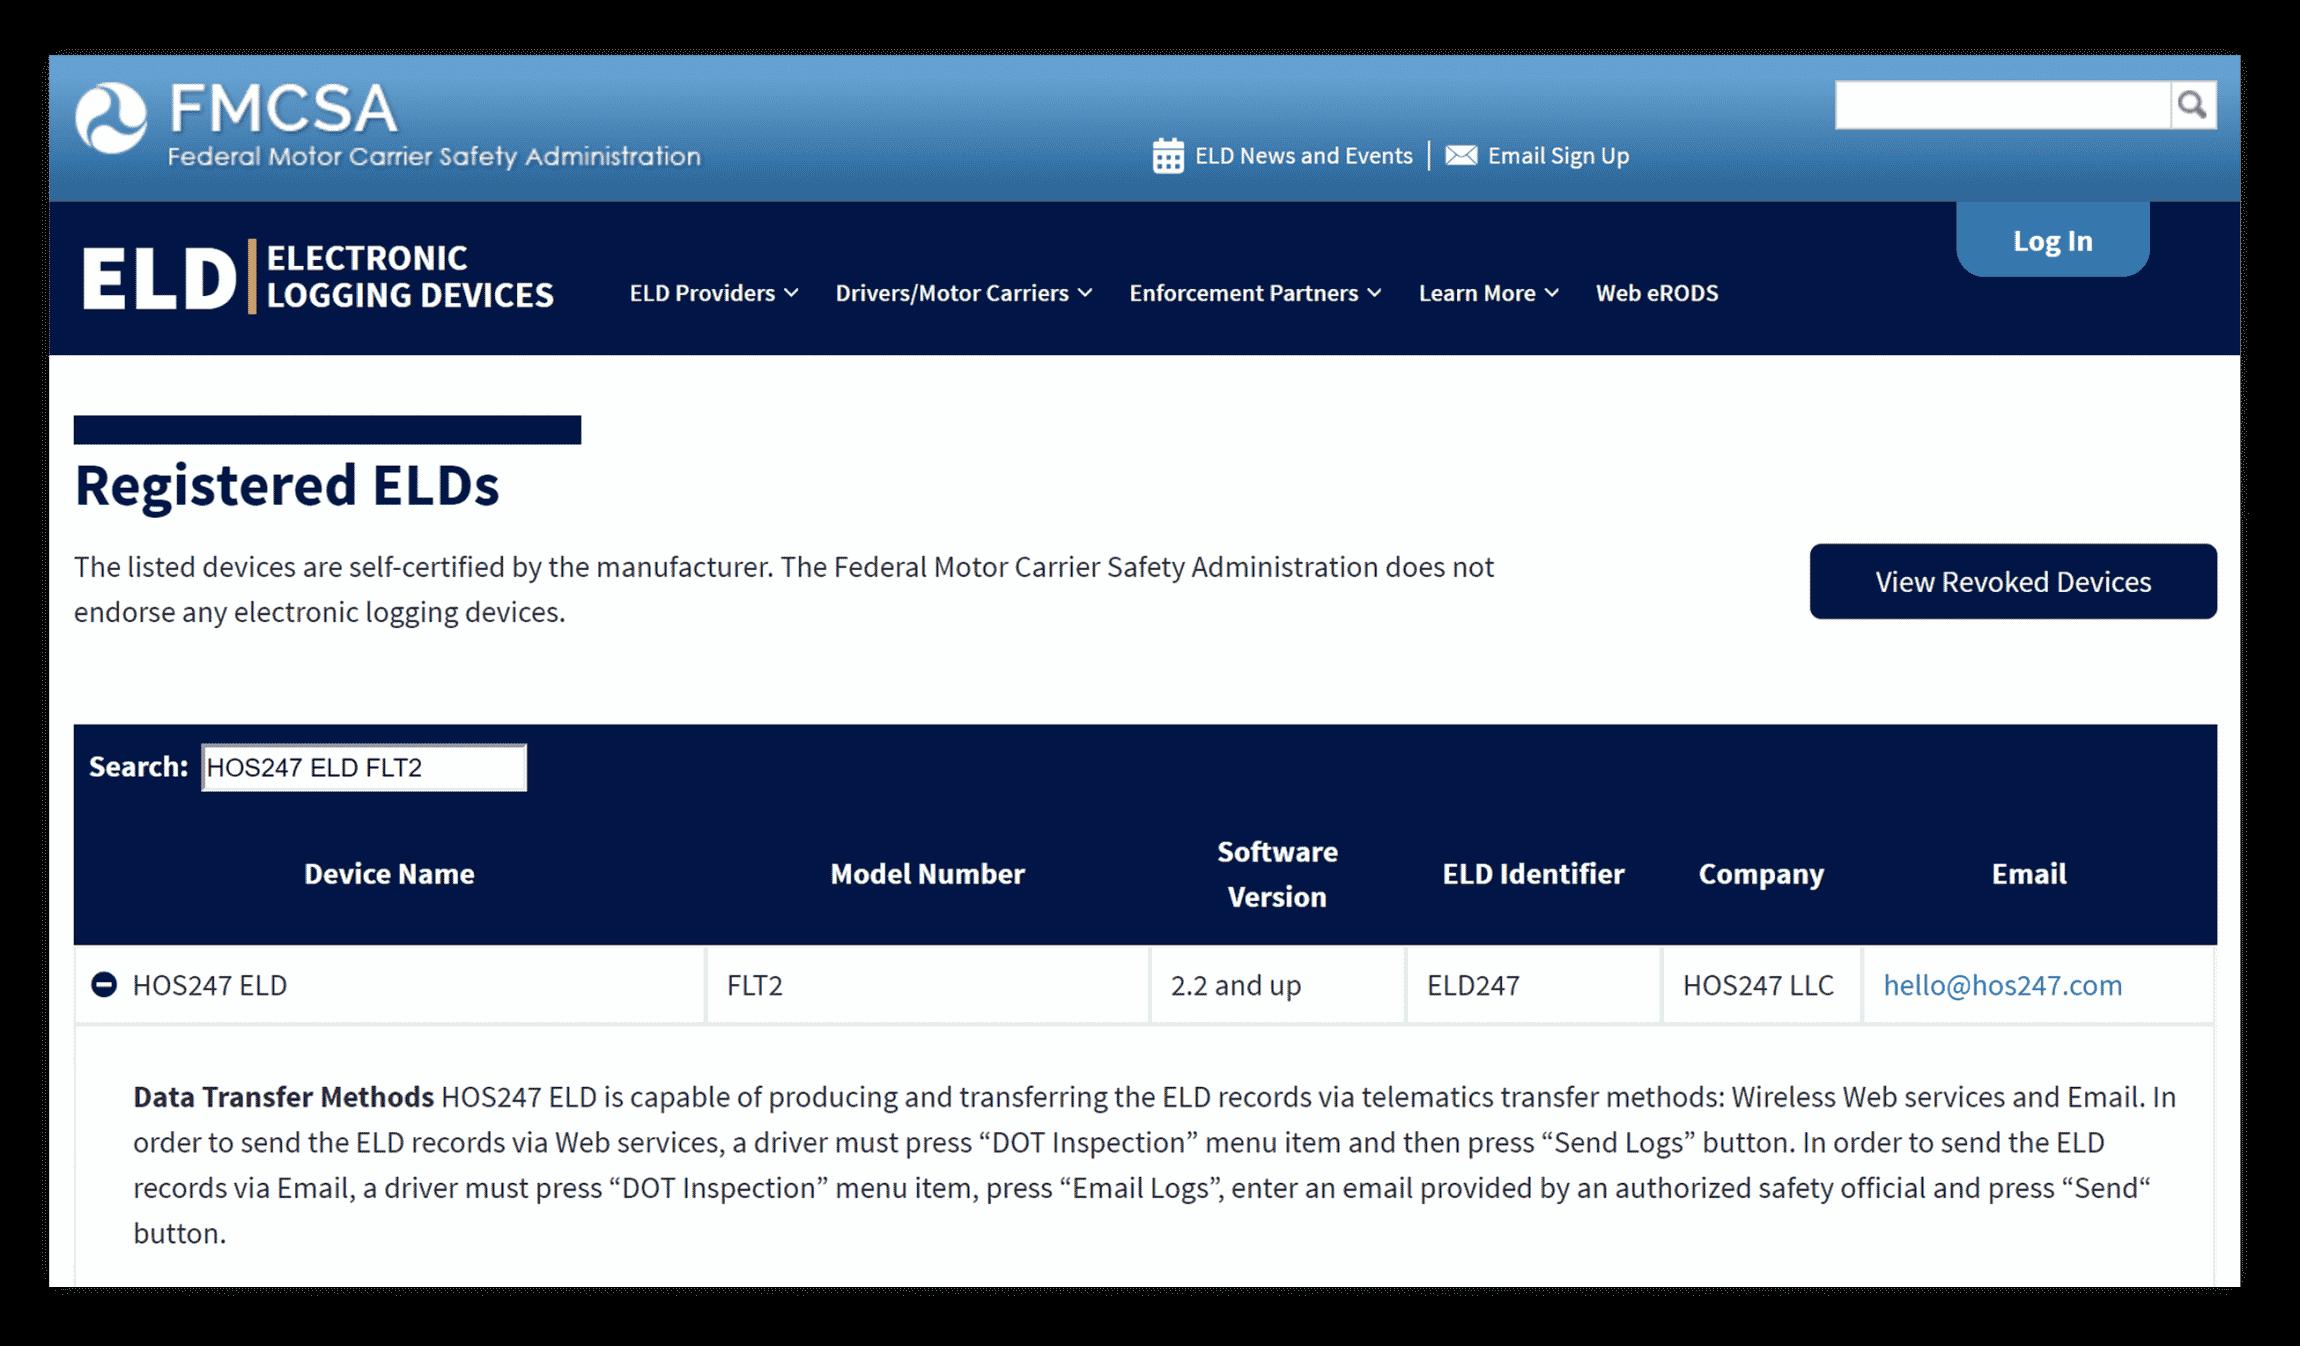 HOS247 FMCSA registration